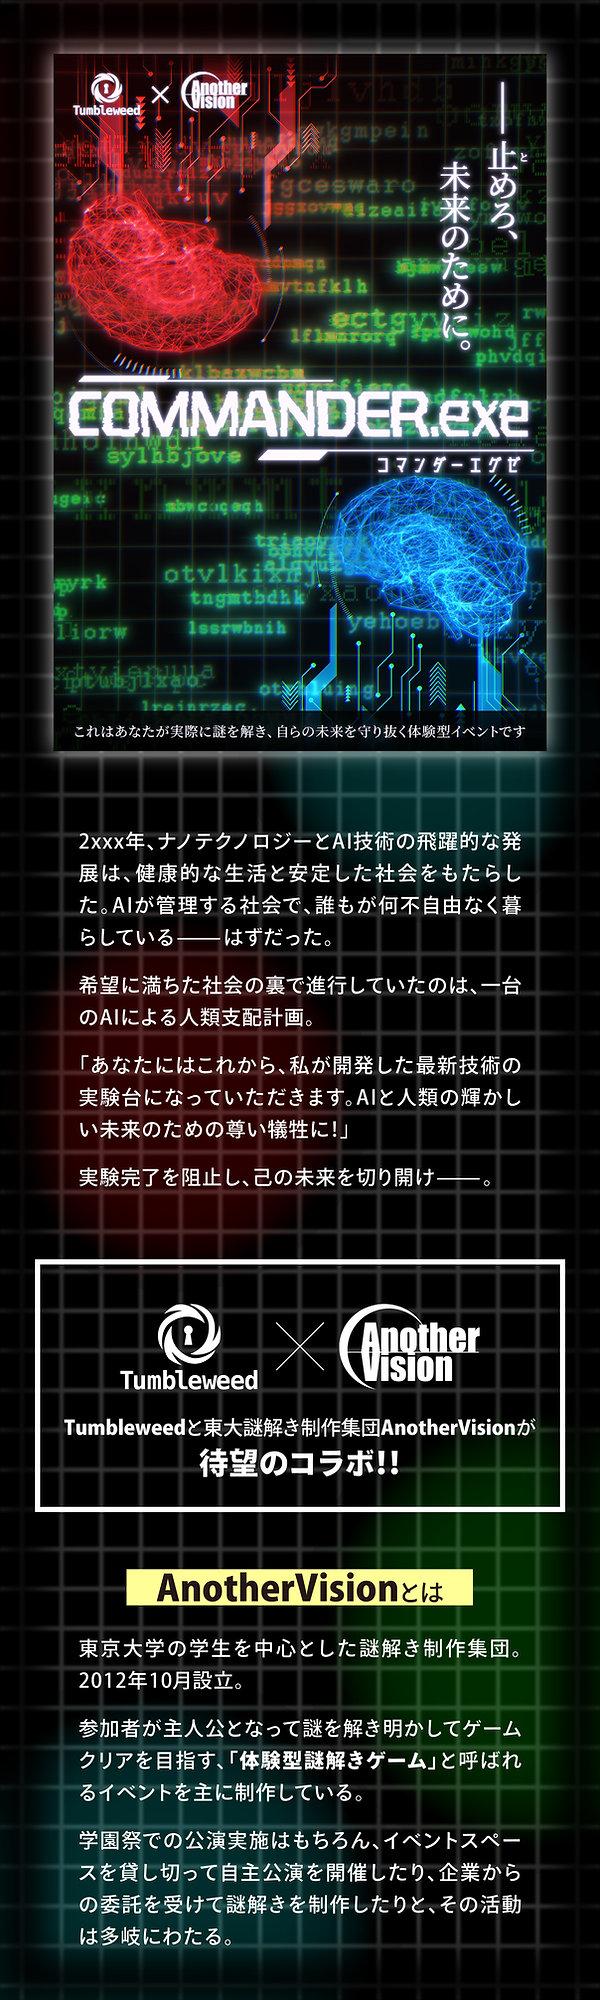 AVcom_1.jpg